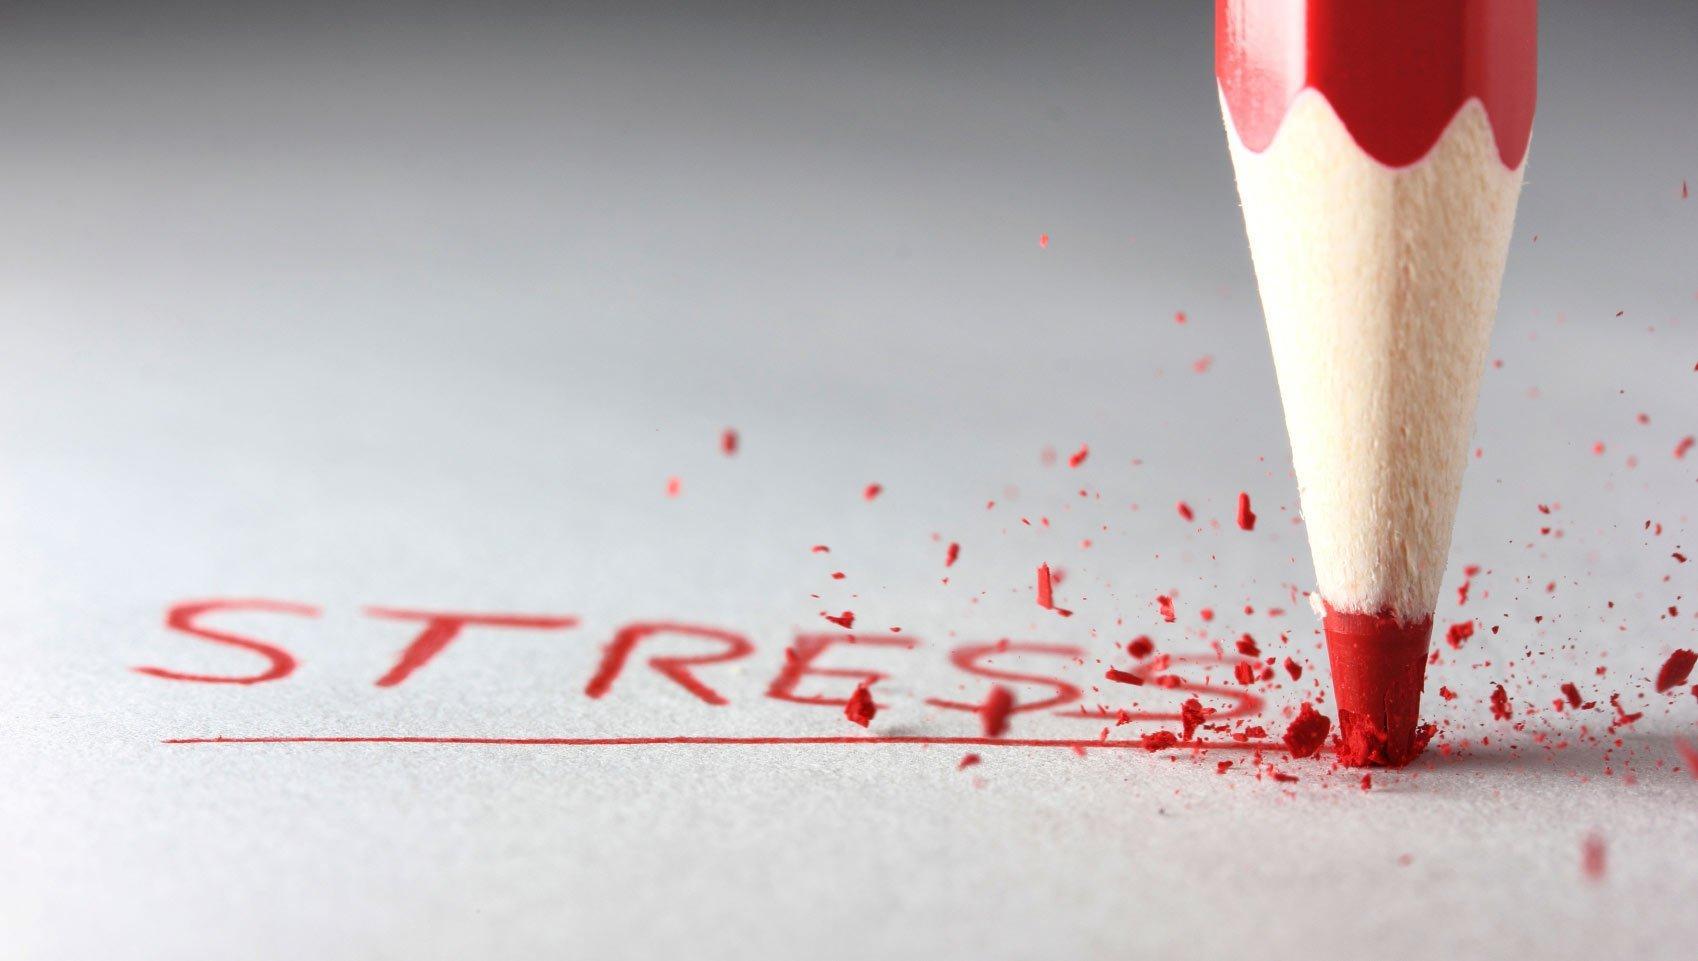 Lavoro-come-allontanare-lo-stress-e-semplificare- il-tuo-business